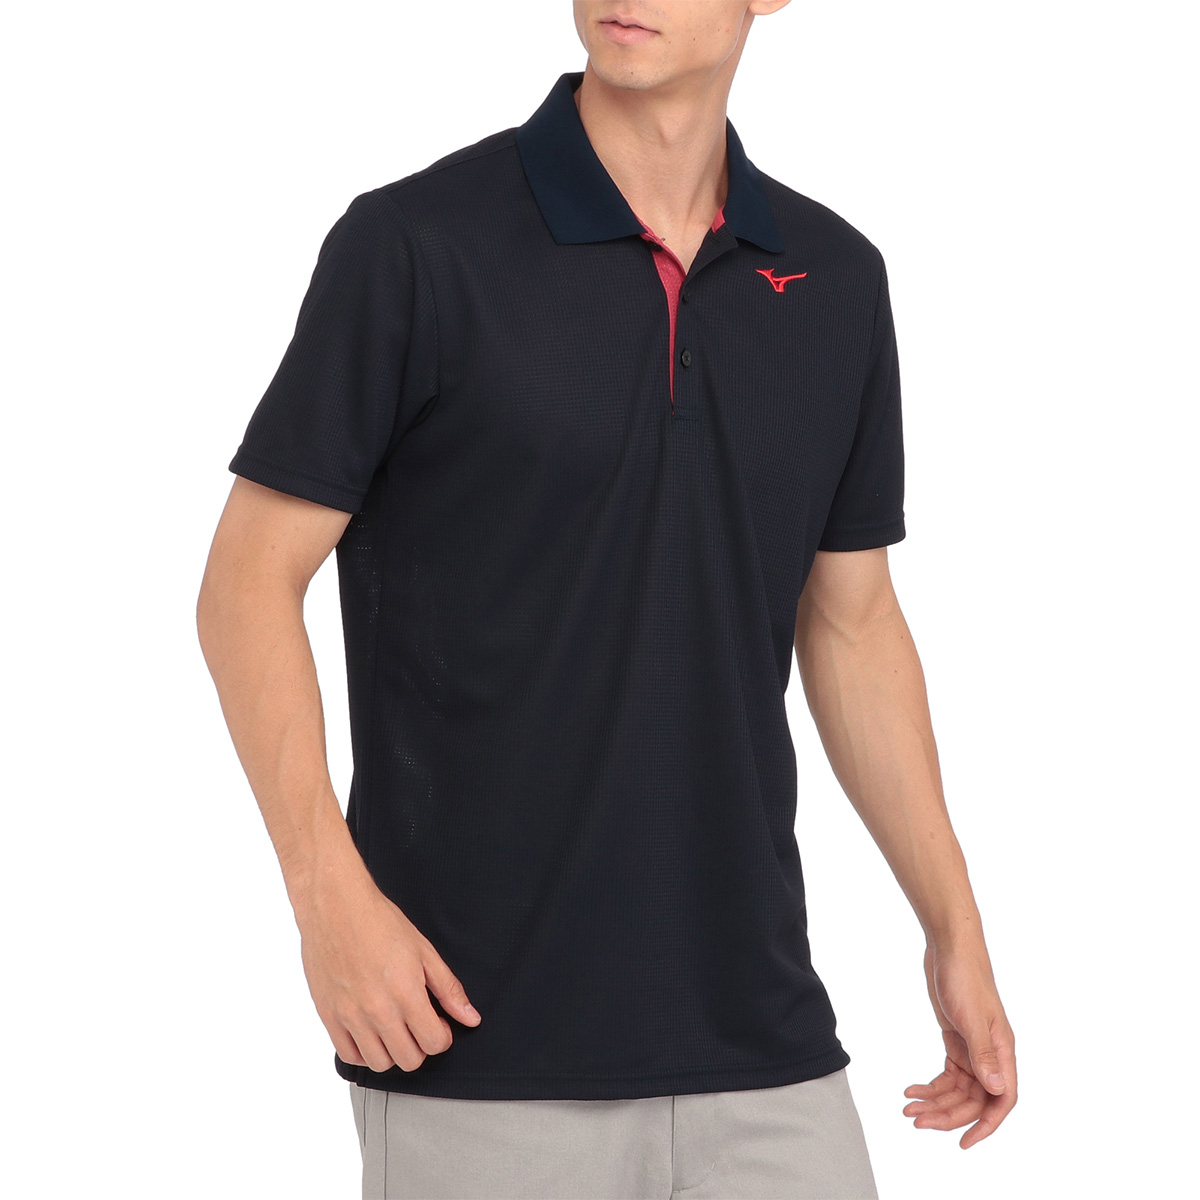 GOLF ドライエアロフロー半袖ポロシャツ